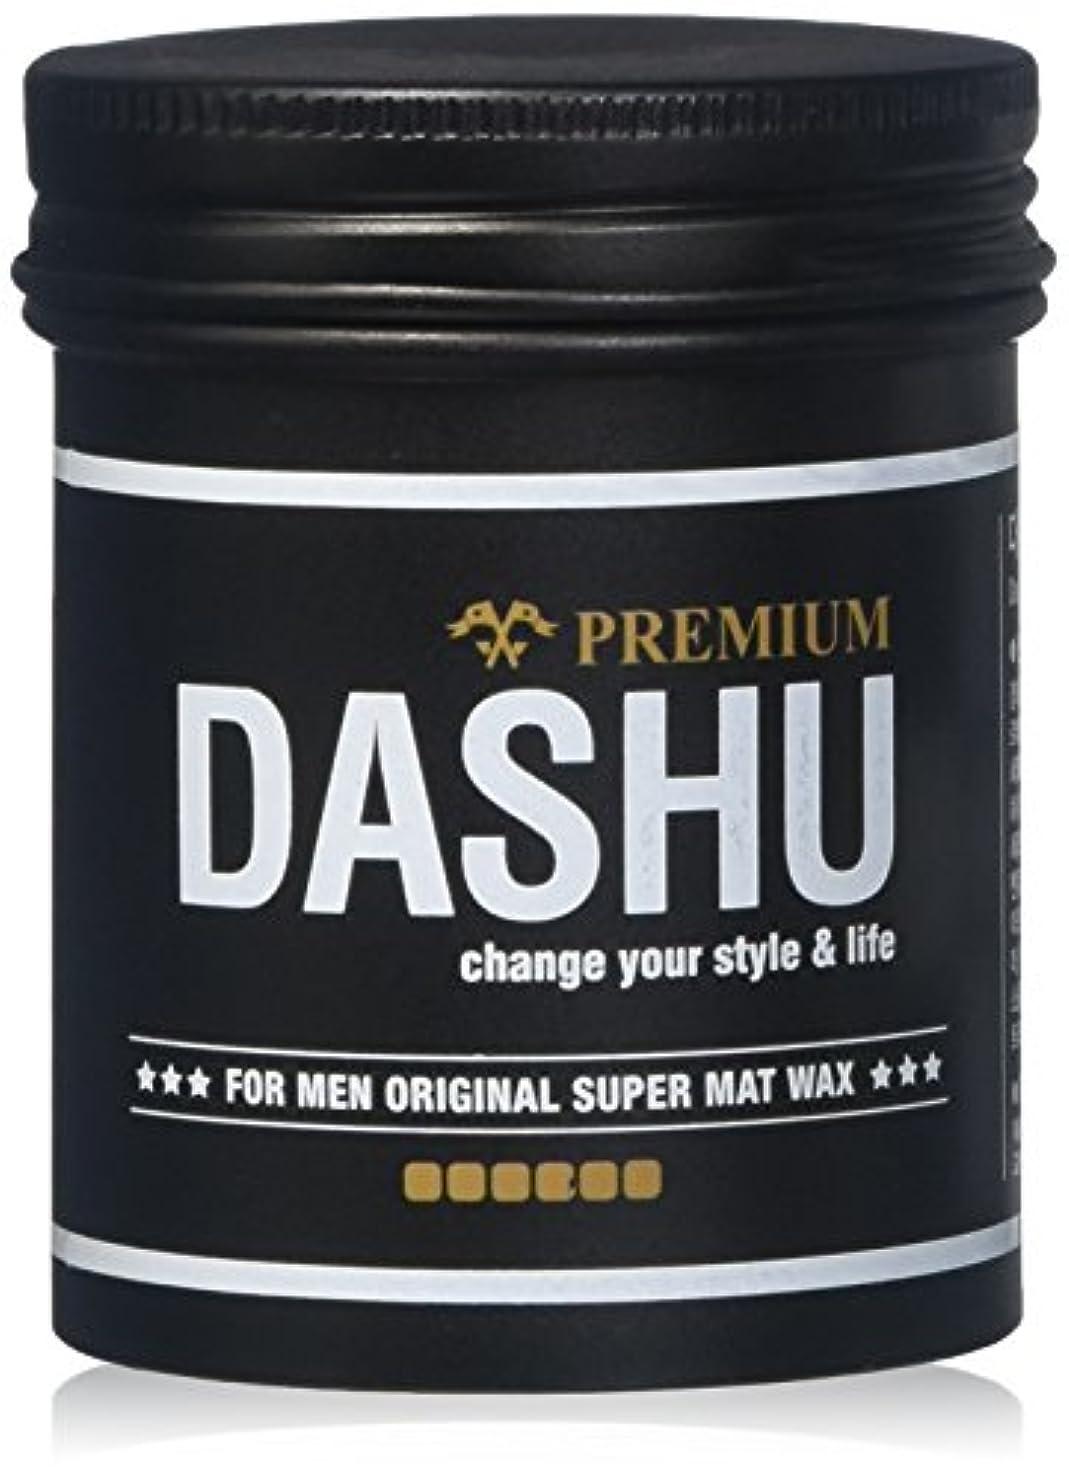 汚す結び目ブランデー[DASHU] ダシュ For Men男性用 オリジナルプレミアムスーパーマットワックス Original Premium Super Mat Wax 100ml / 韓国製 . 韓国直送品